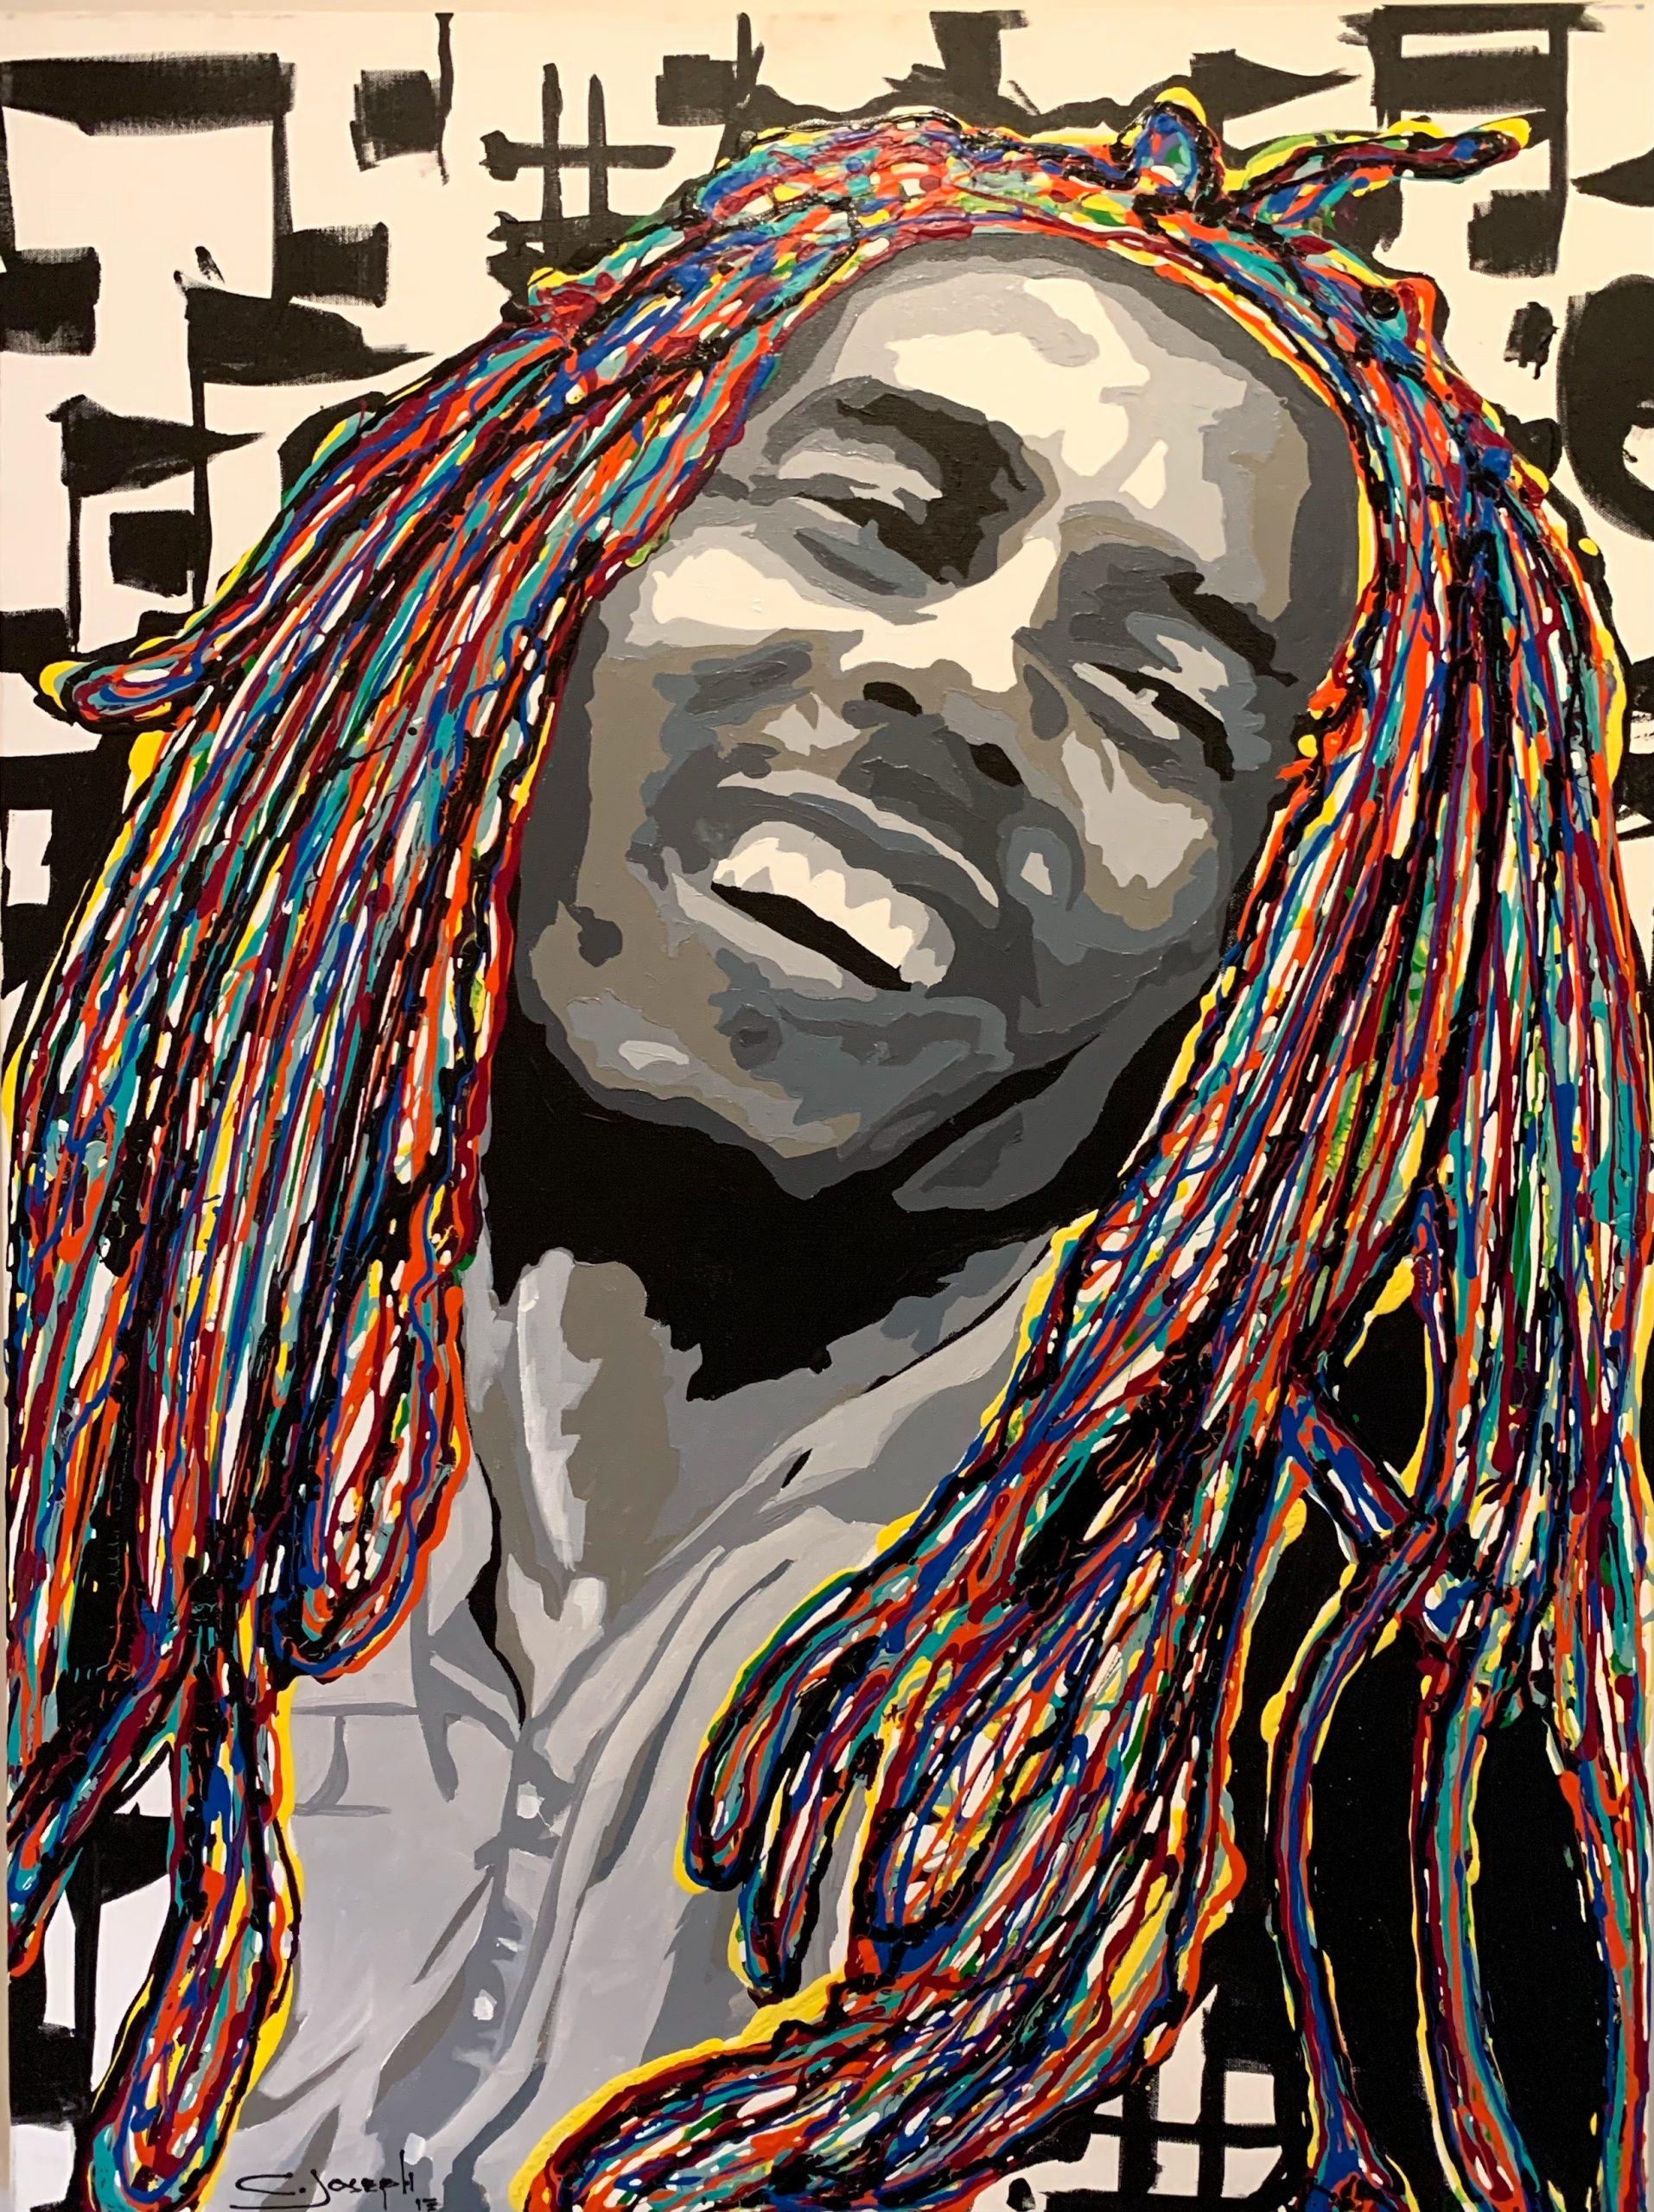 Bob Marley by Christoper Joseph